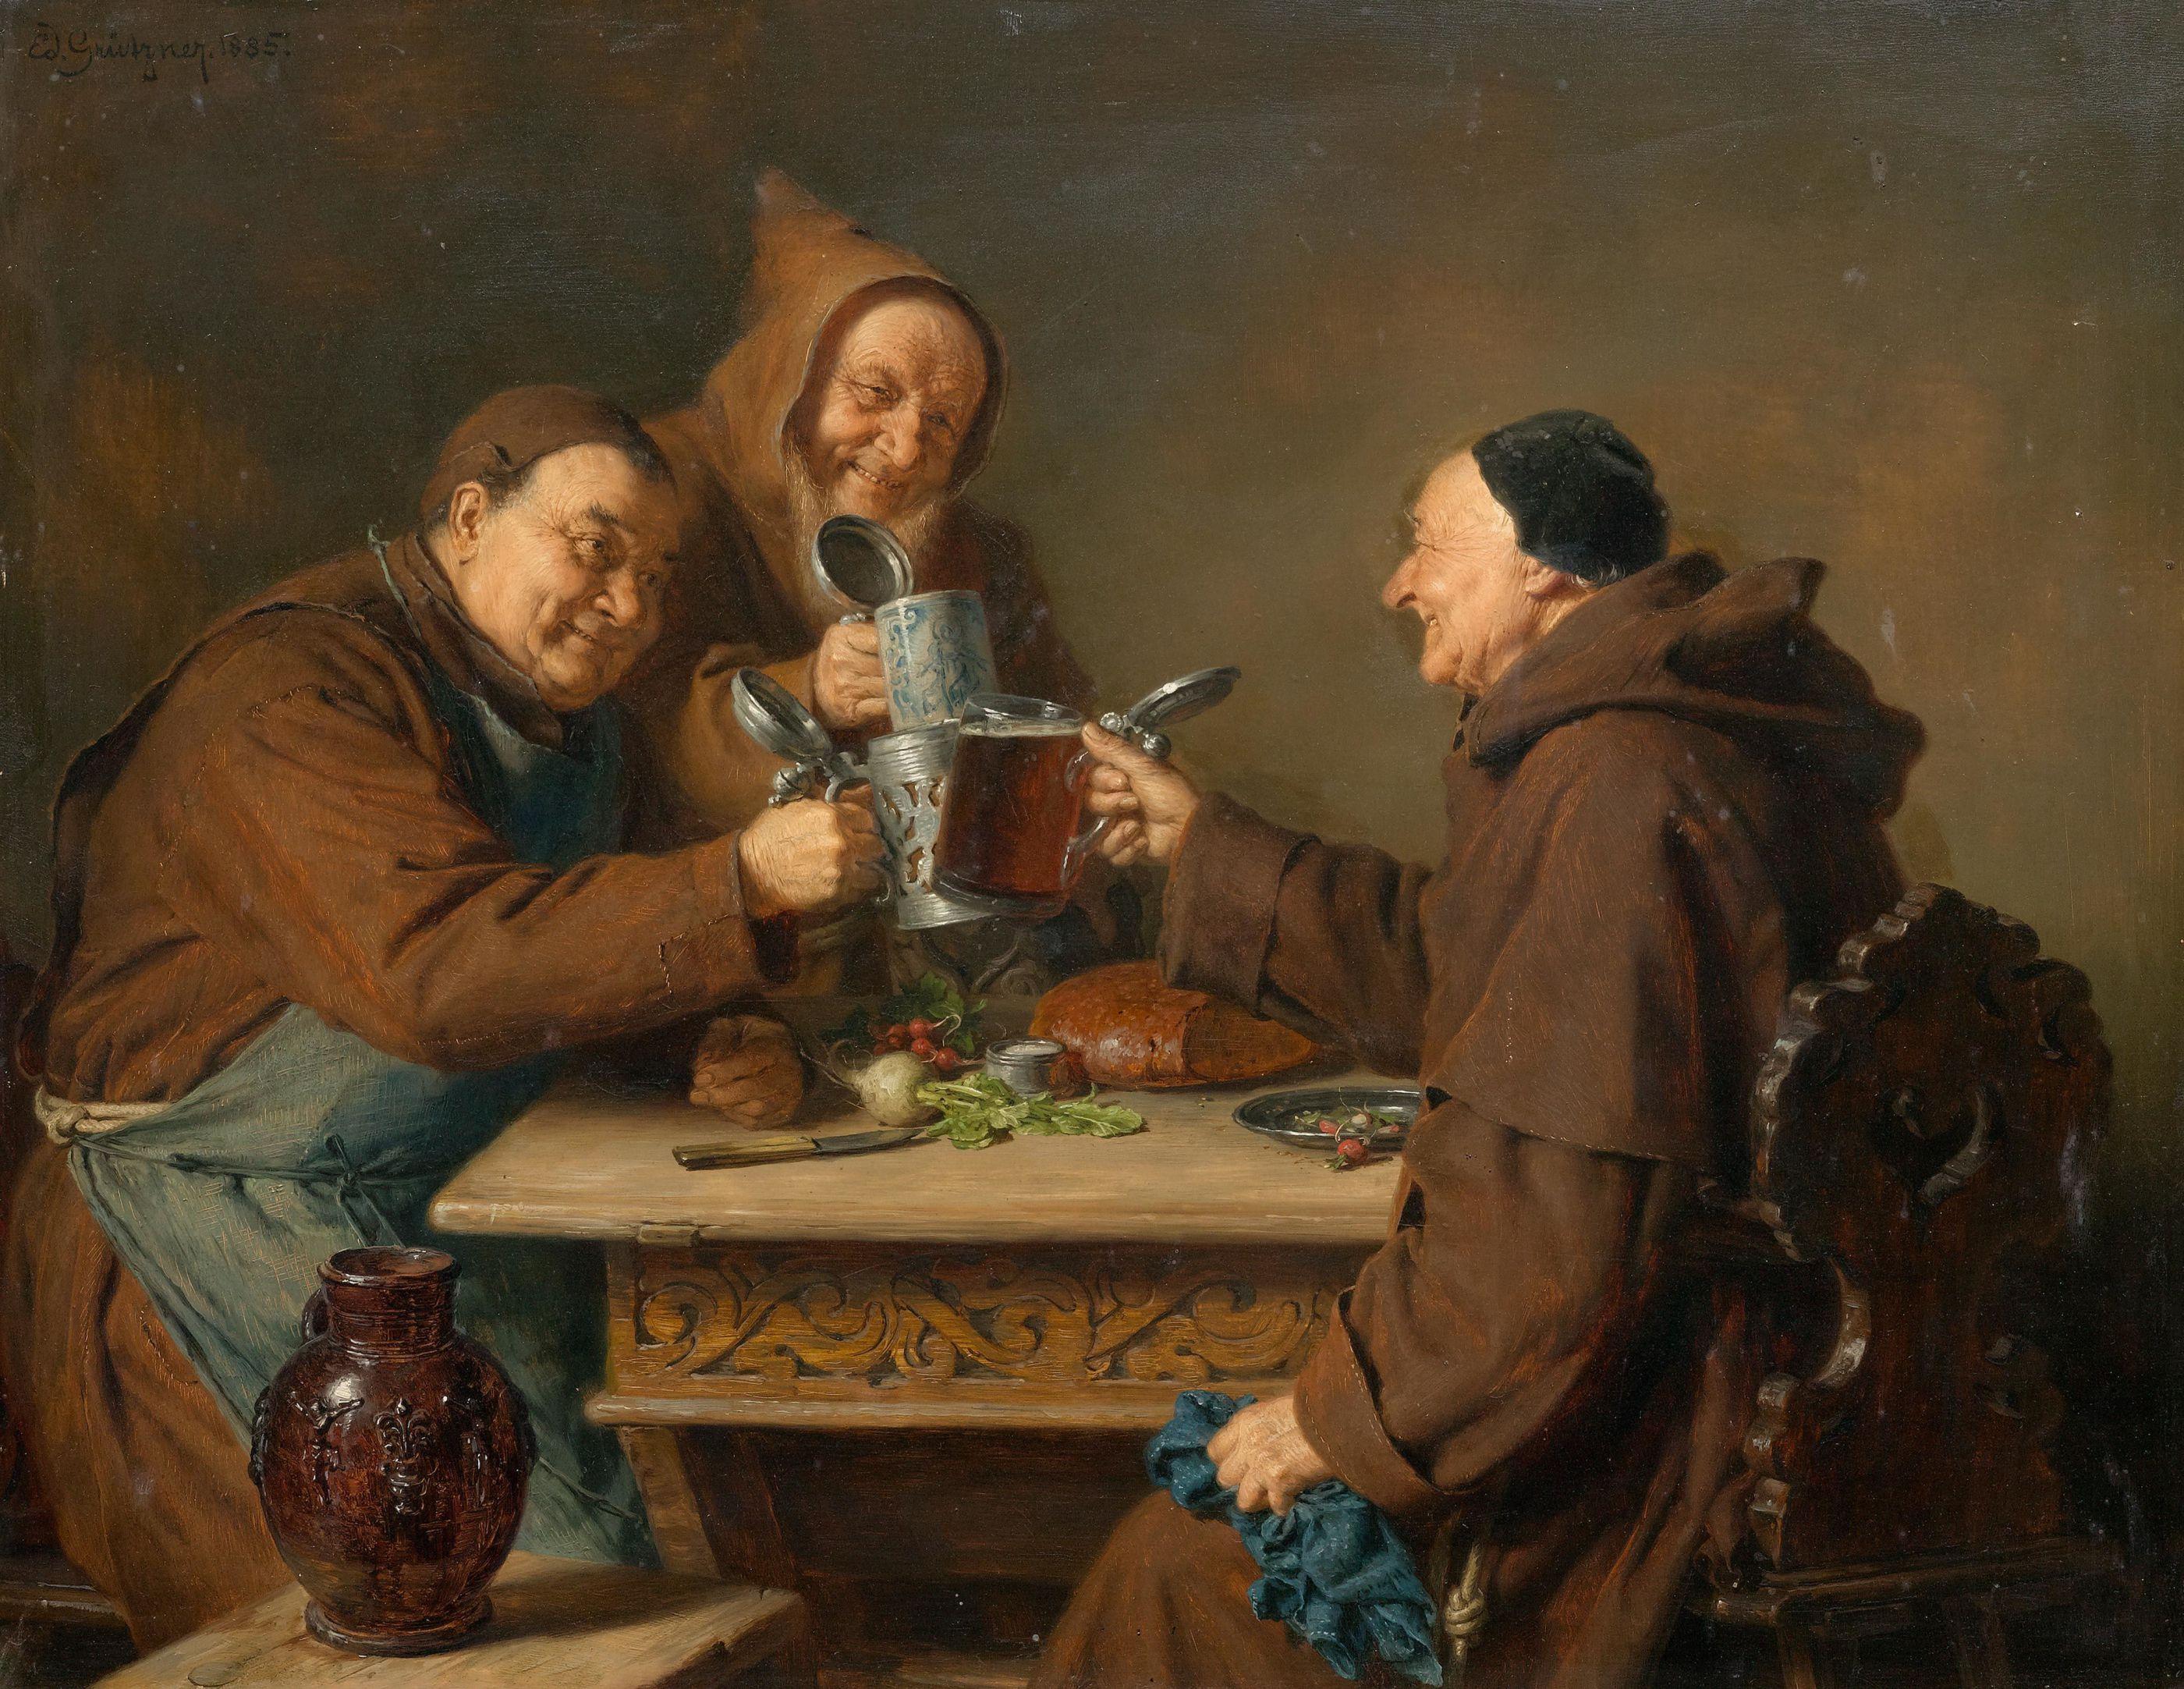 монахи и вино